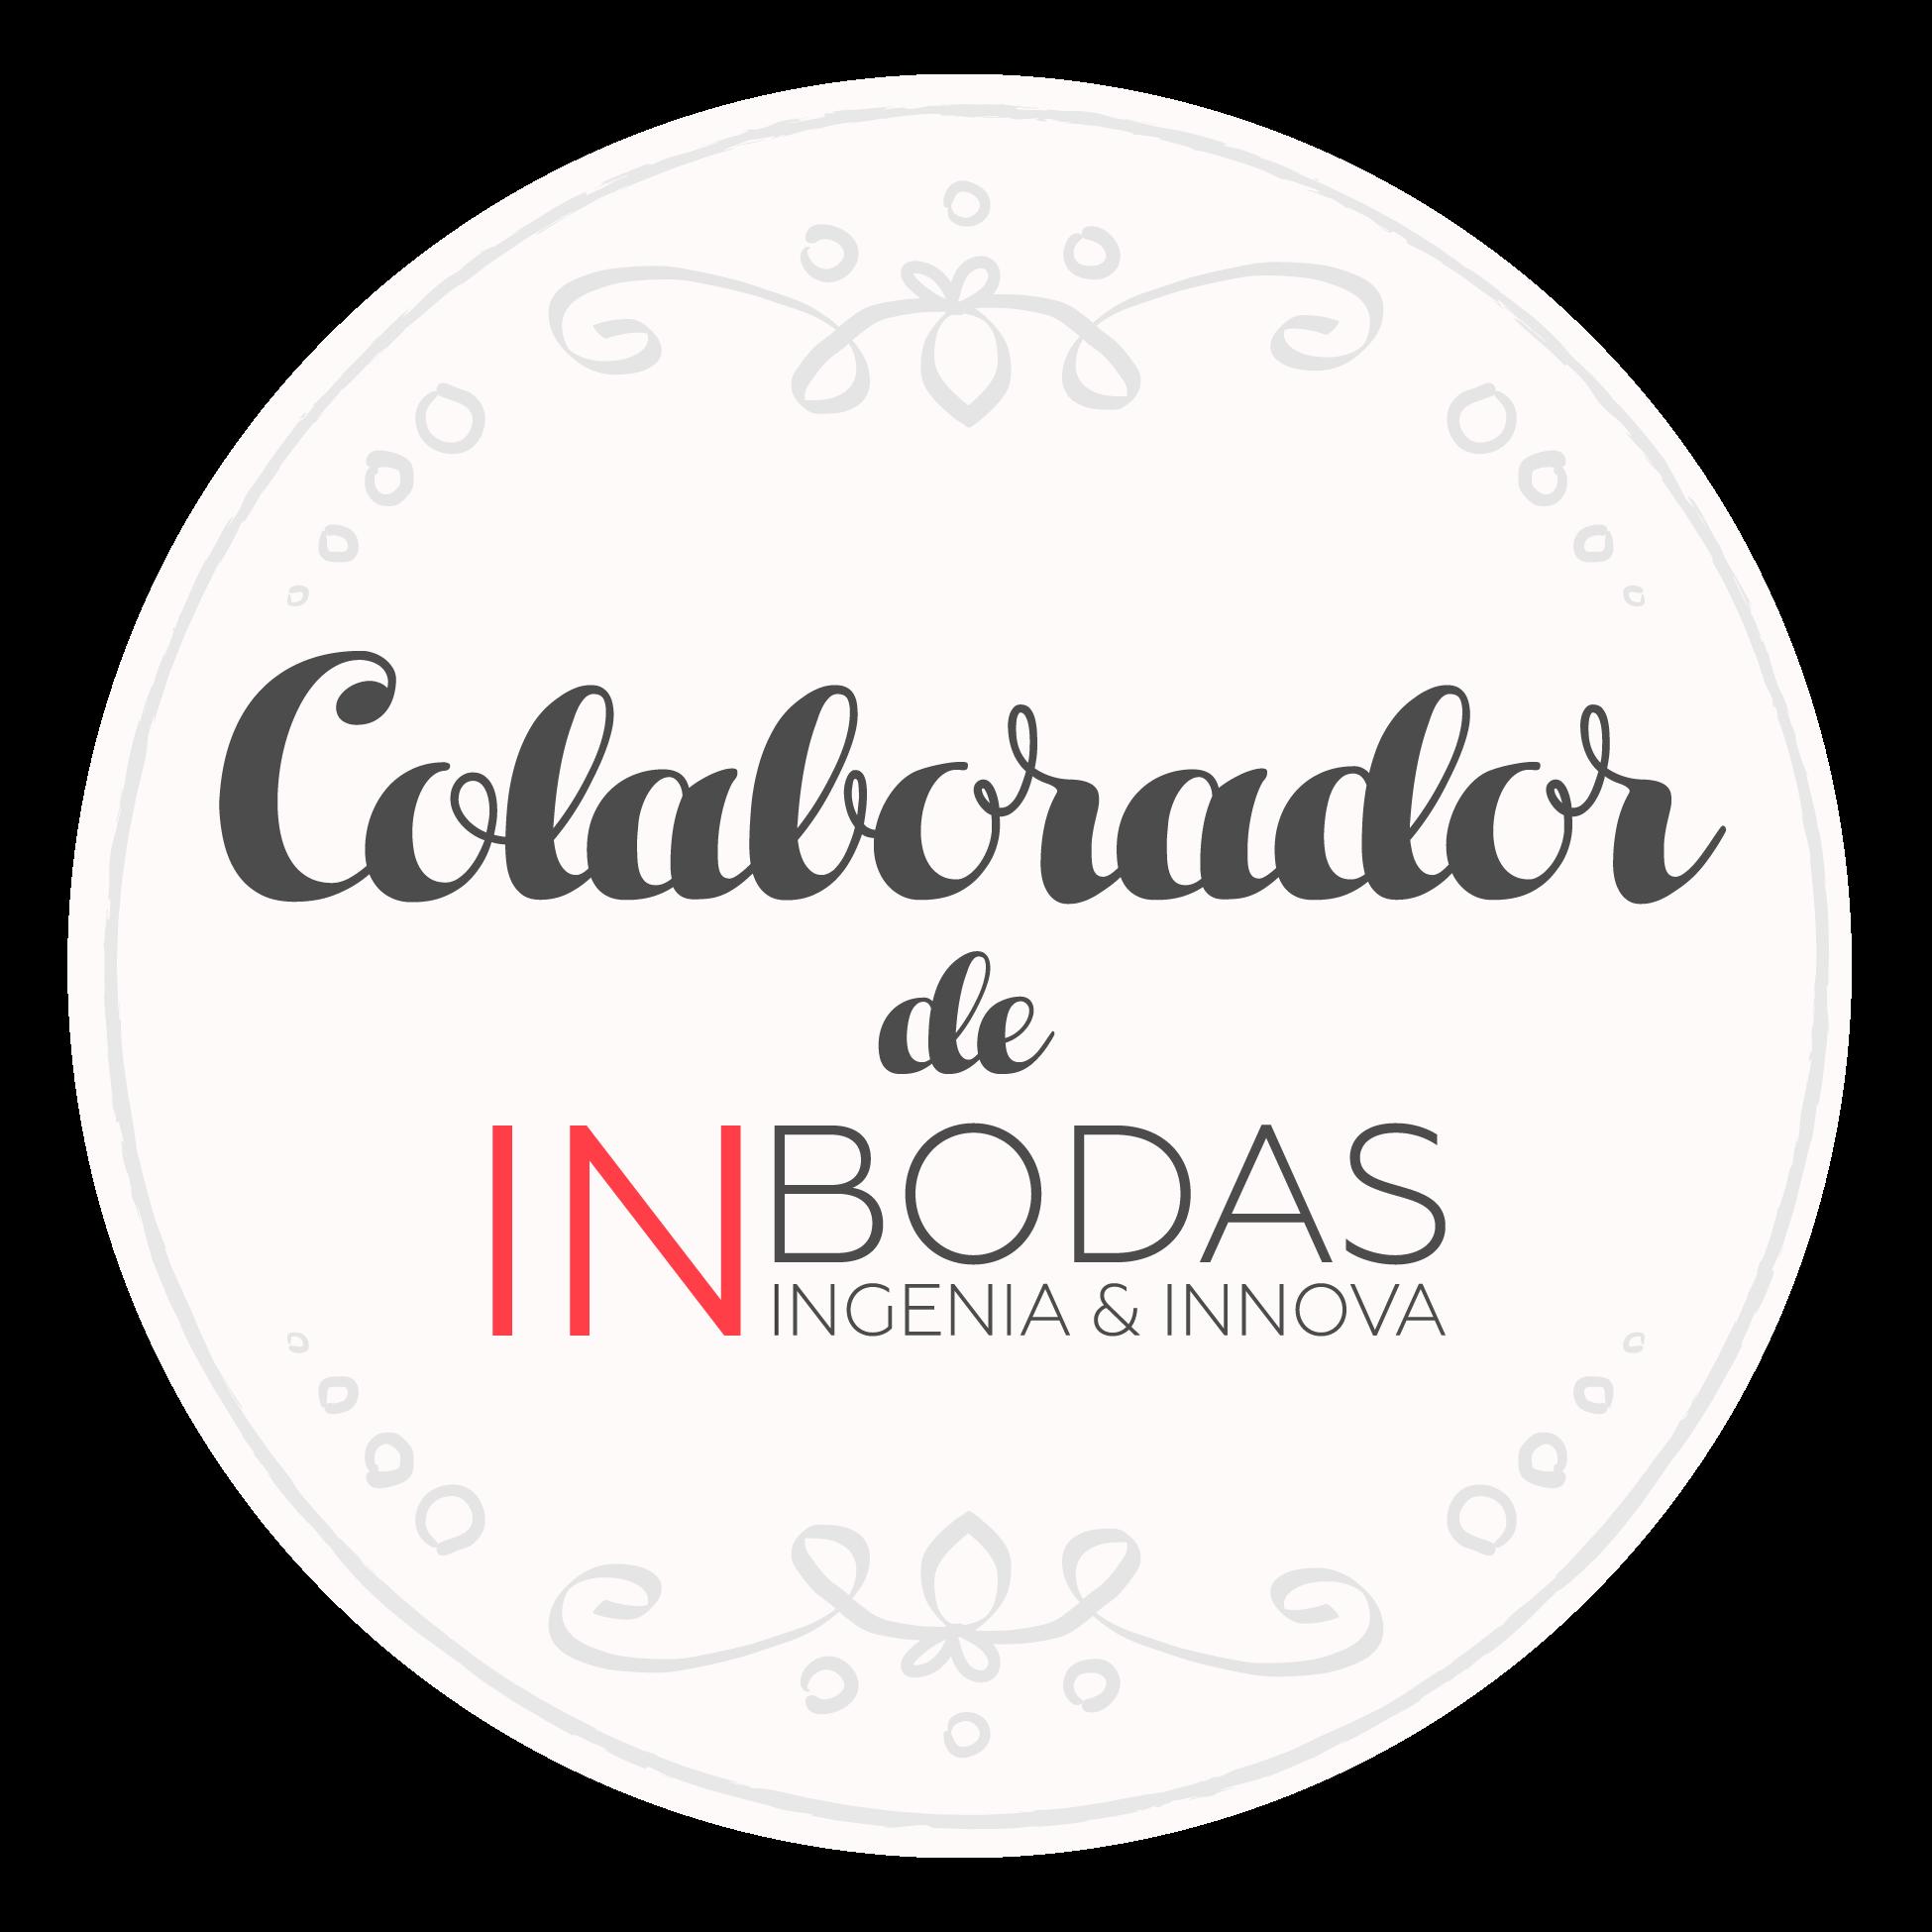 Inbodas